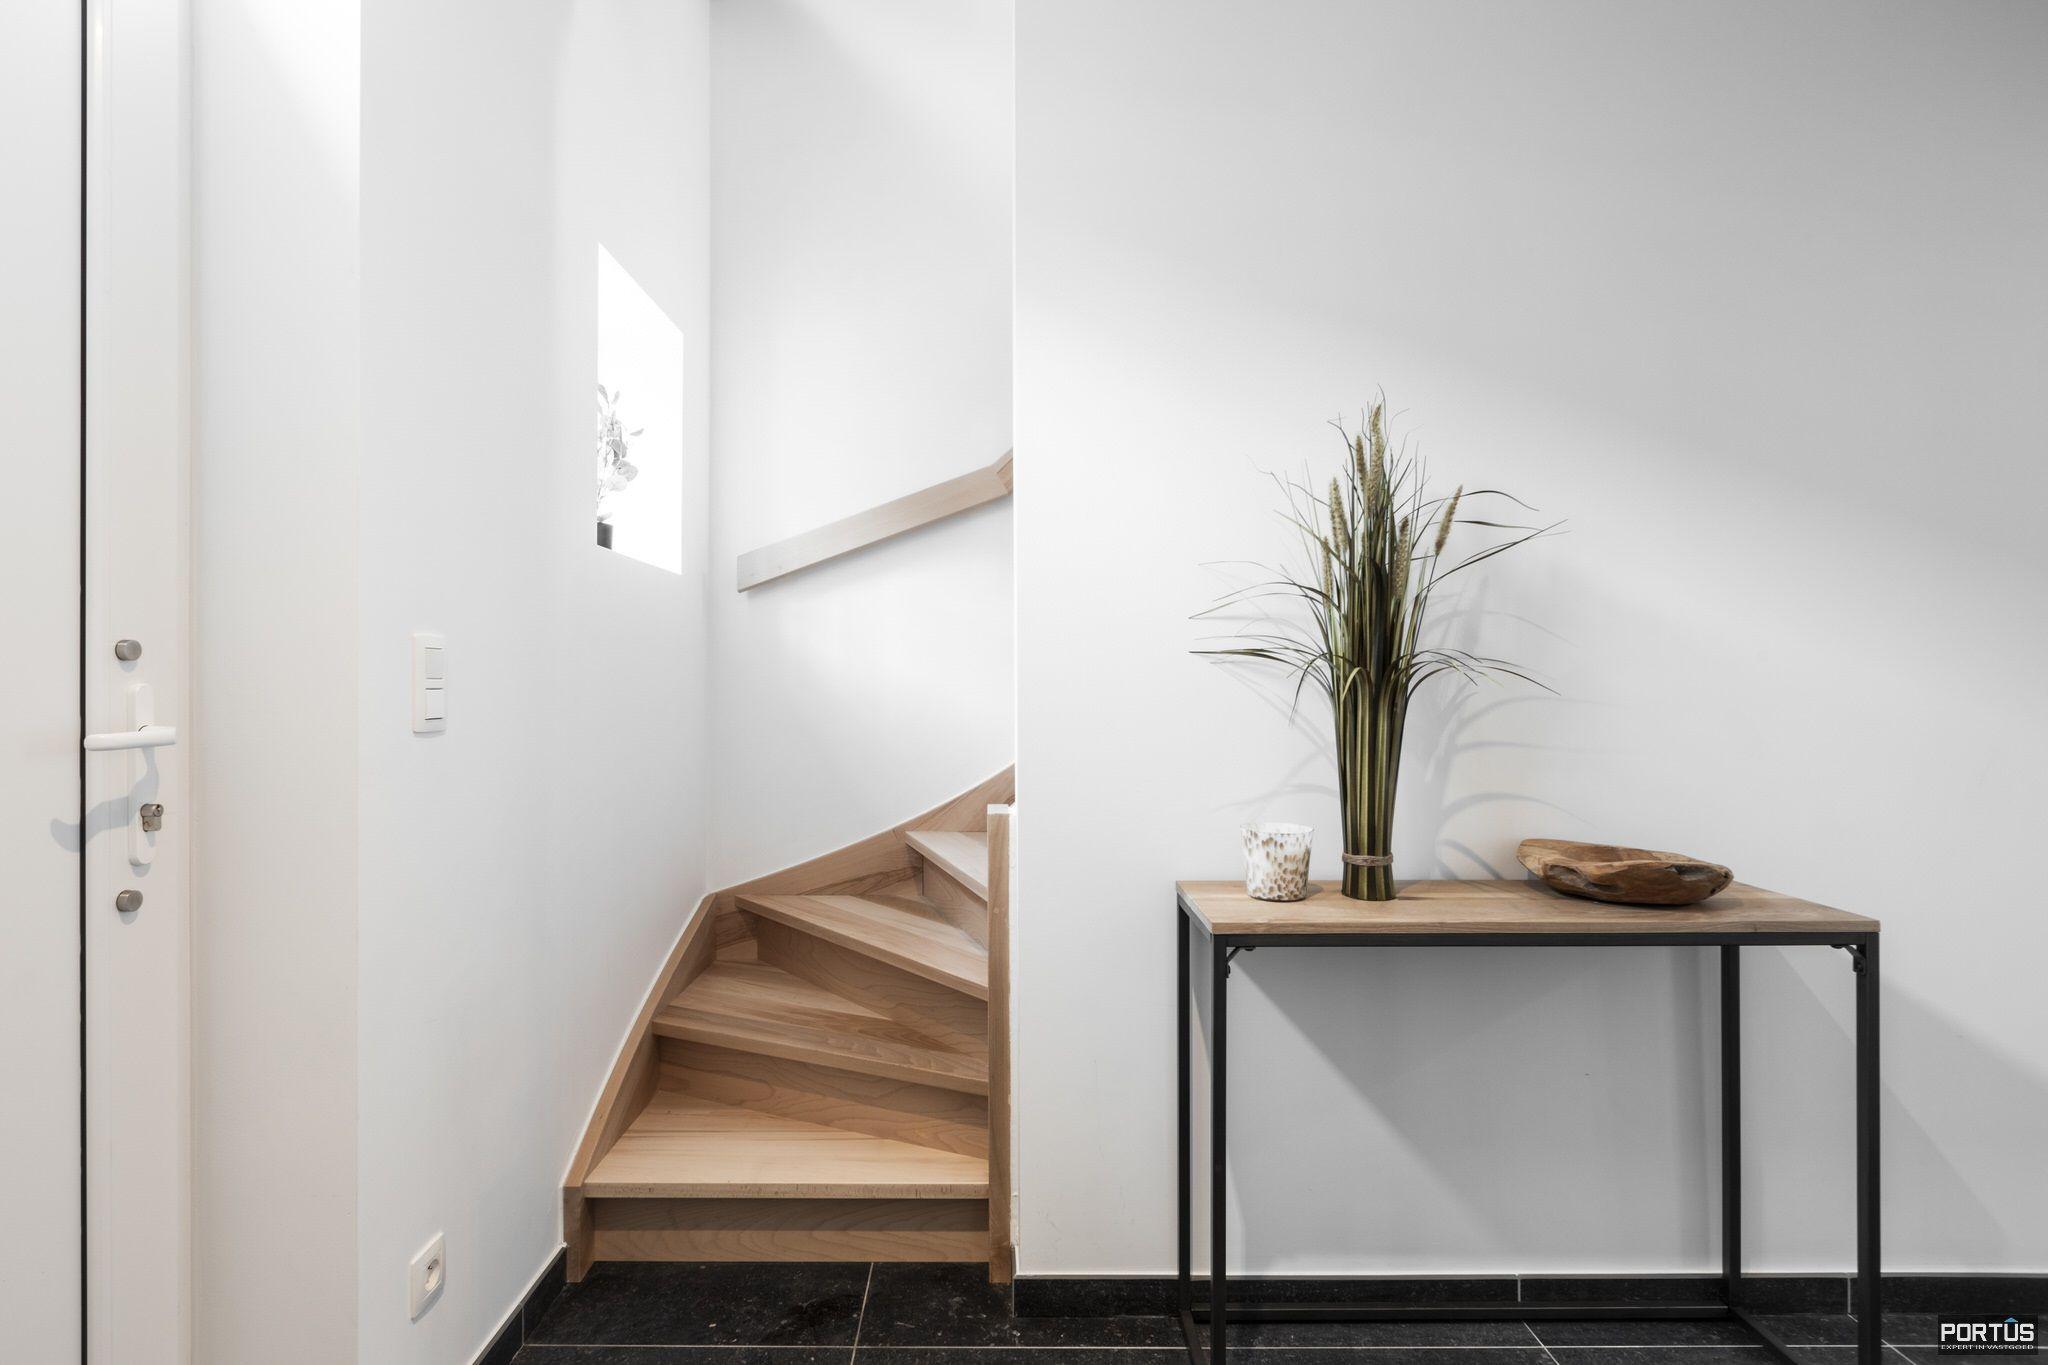 Nieuwbouwwoning met 4 slaapkamers te koop te Lombardsijde - 11834